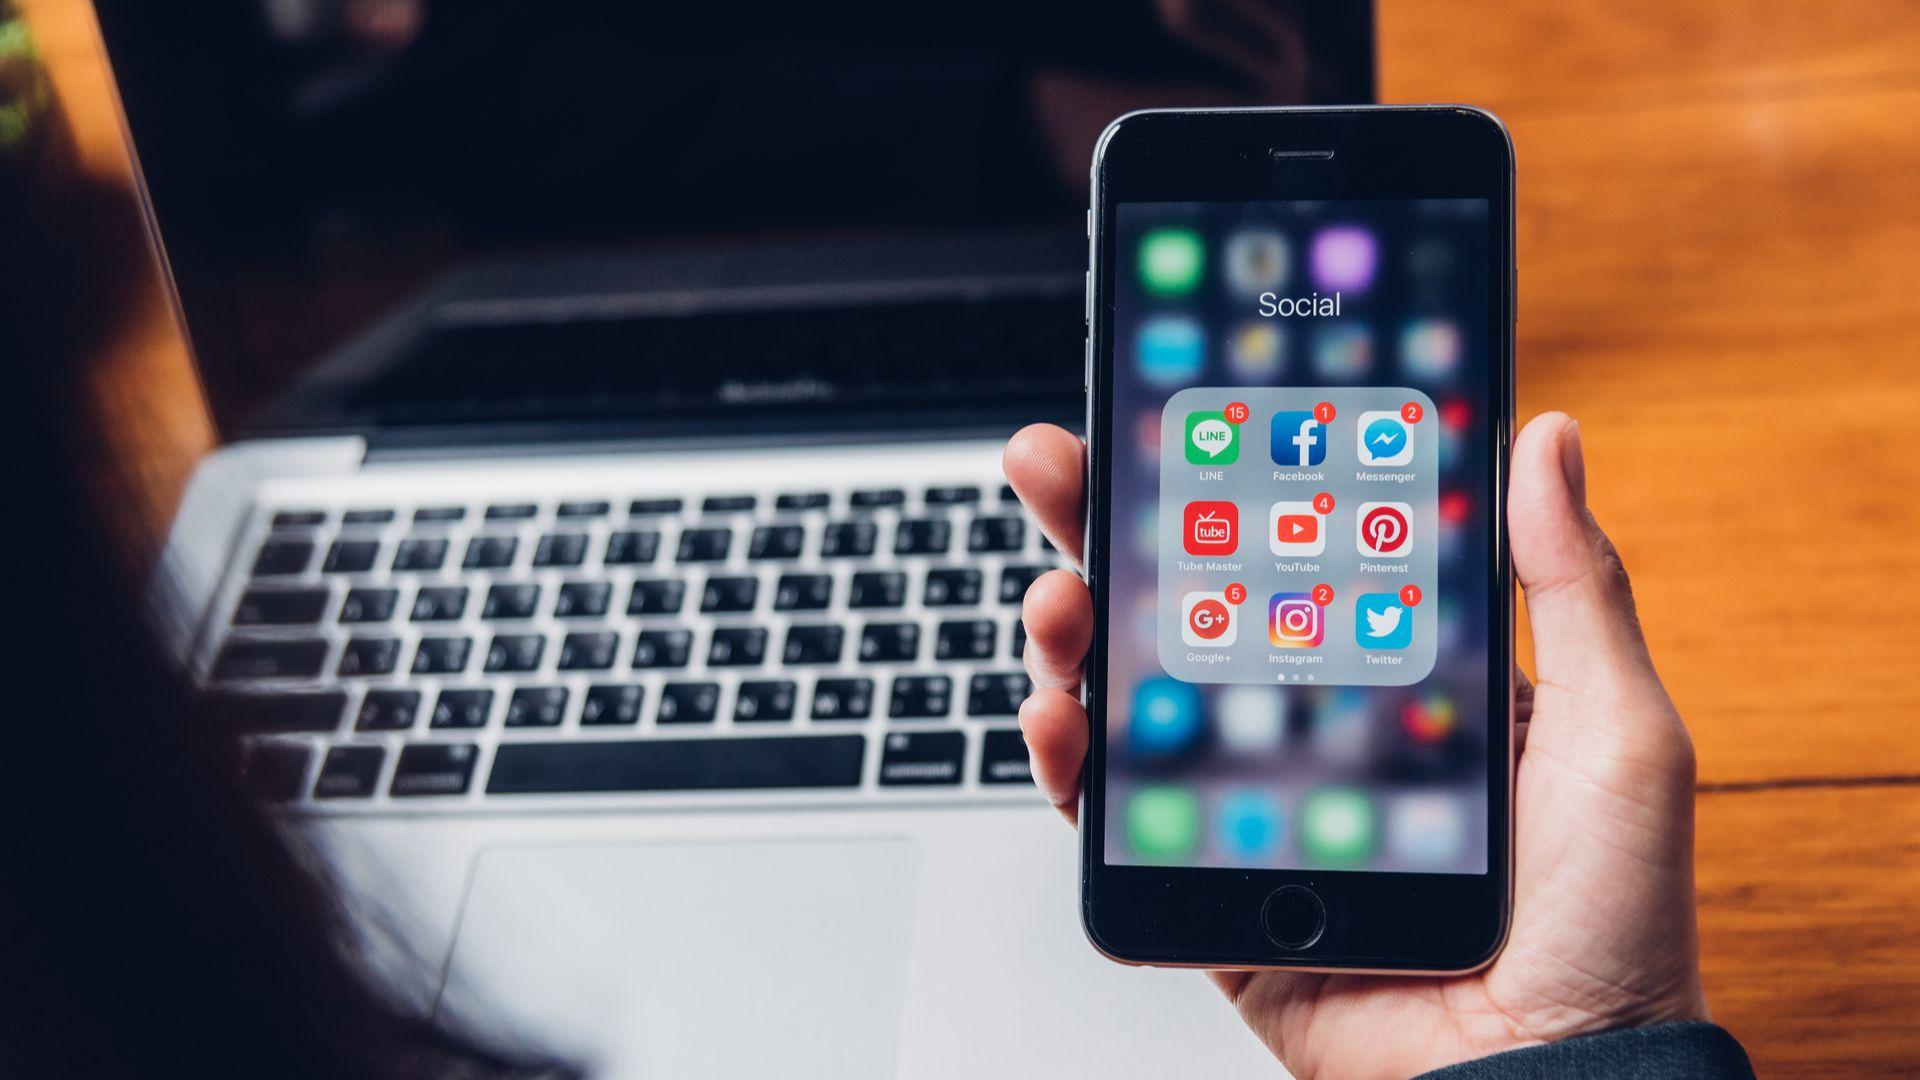 Versão com 32 GB do iPhone 6S pode ser uma má escolha para quem costuma baixar muitos apps no celular. (Imagem: Sorapop Udomsri/Shutterstock)